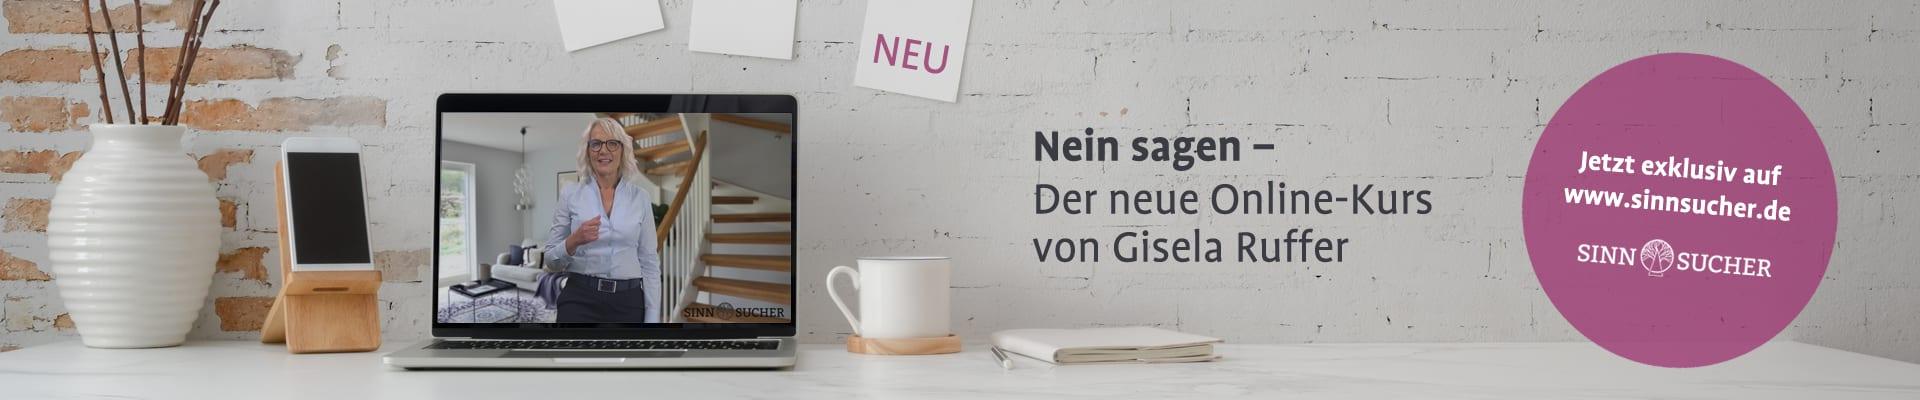 Nein sagen – Der Online-Kurs